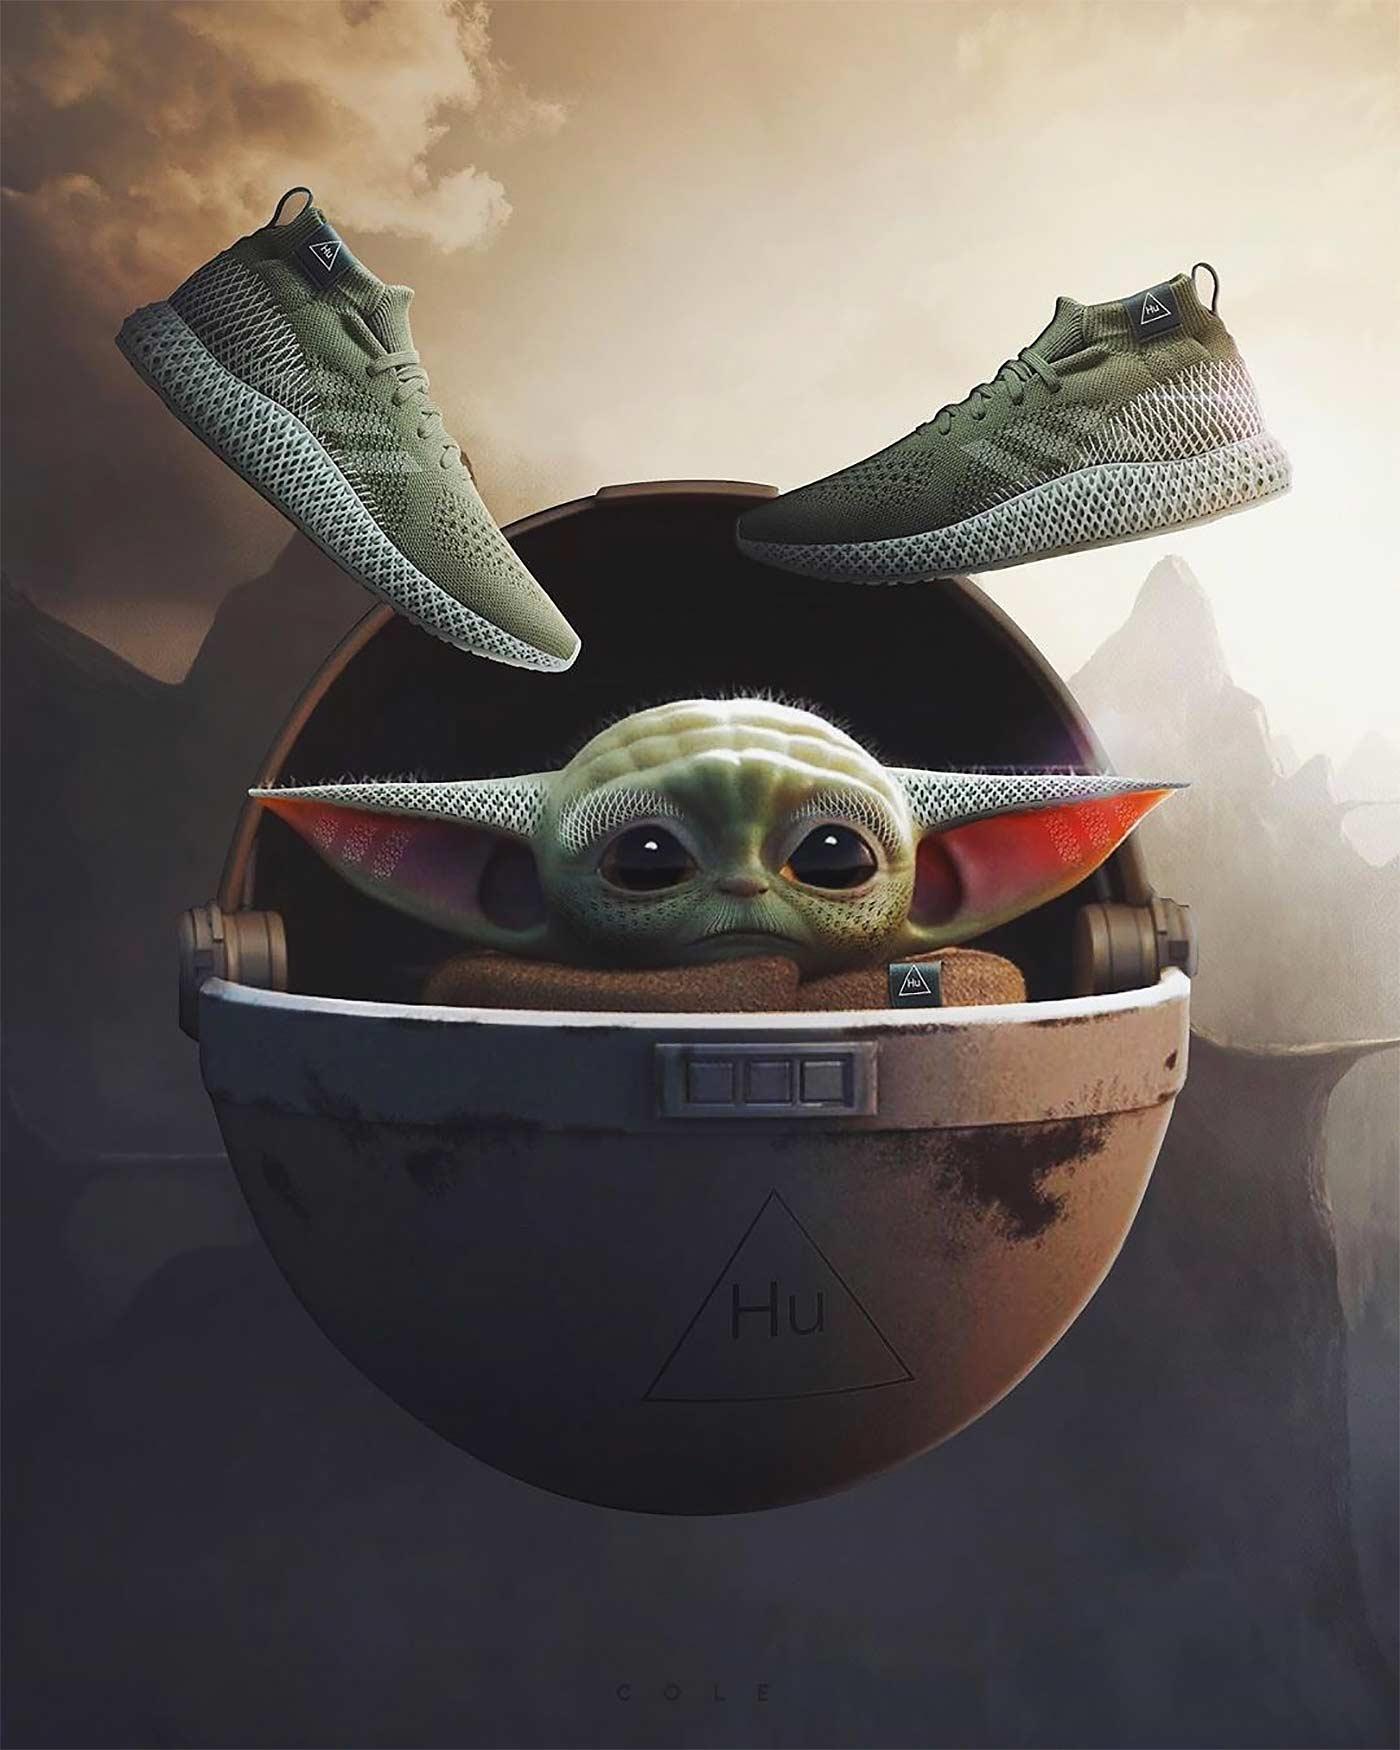 Popkultur-Sneaker von Jeff Cole popkultursneaker-jeff-cole_03